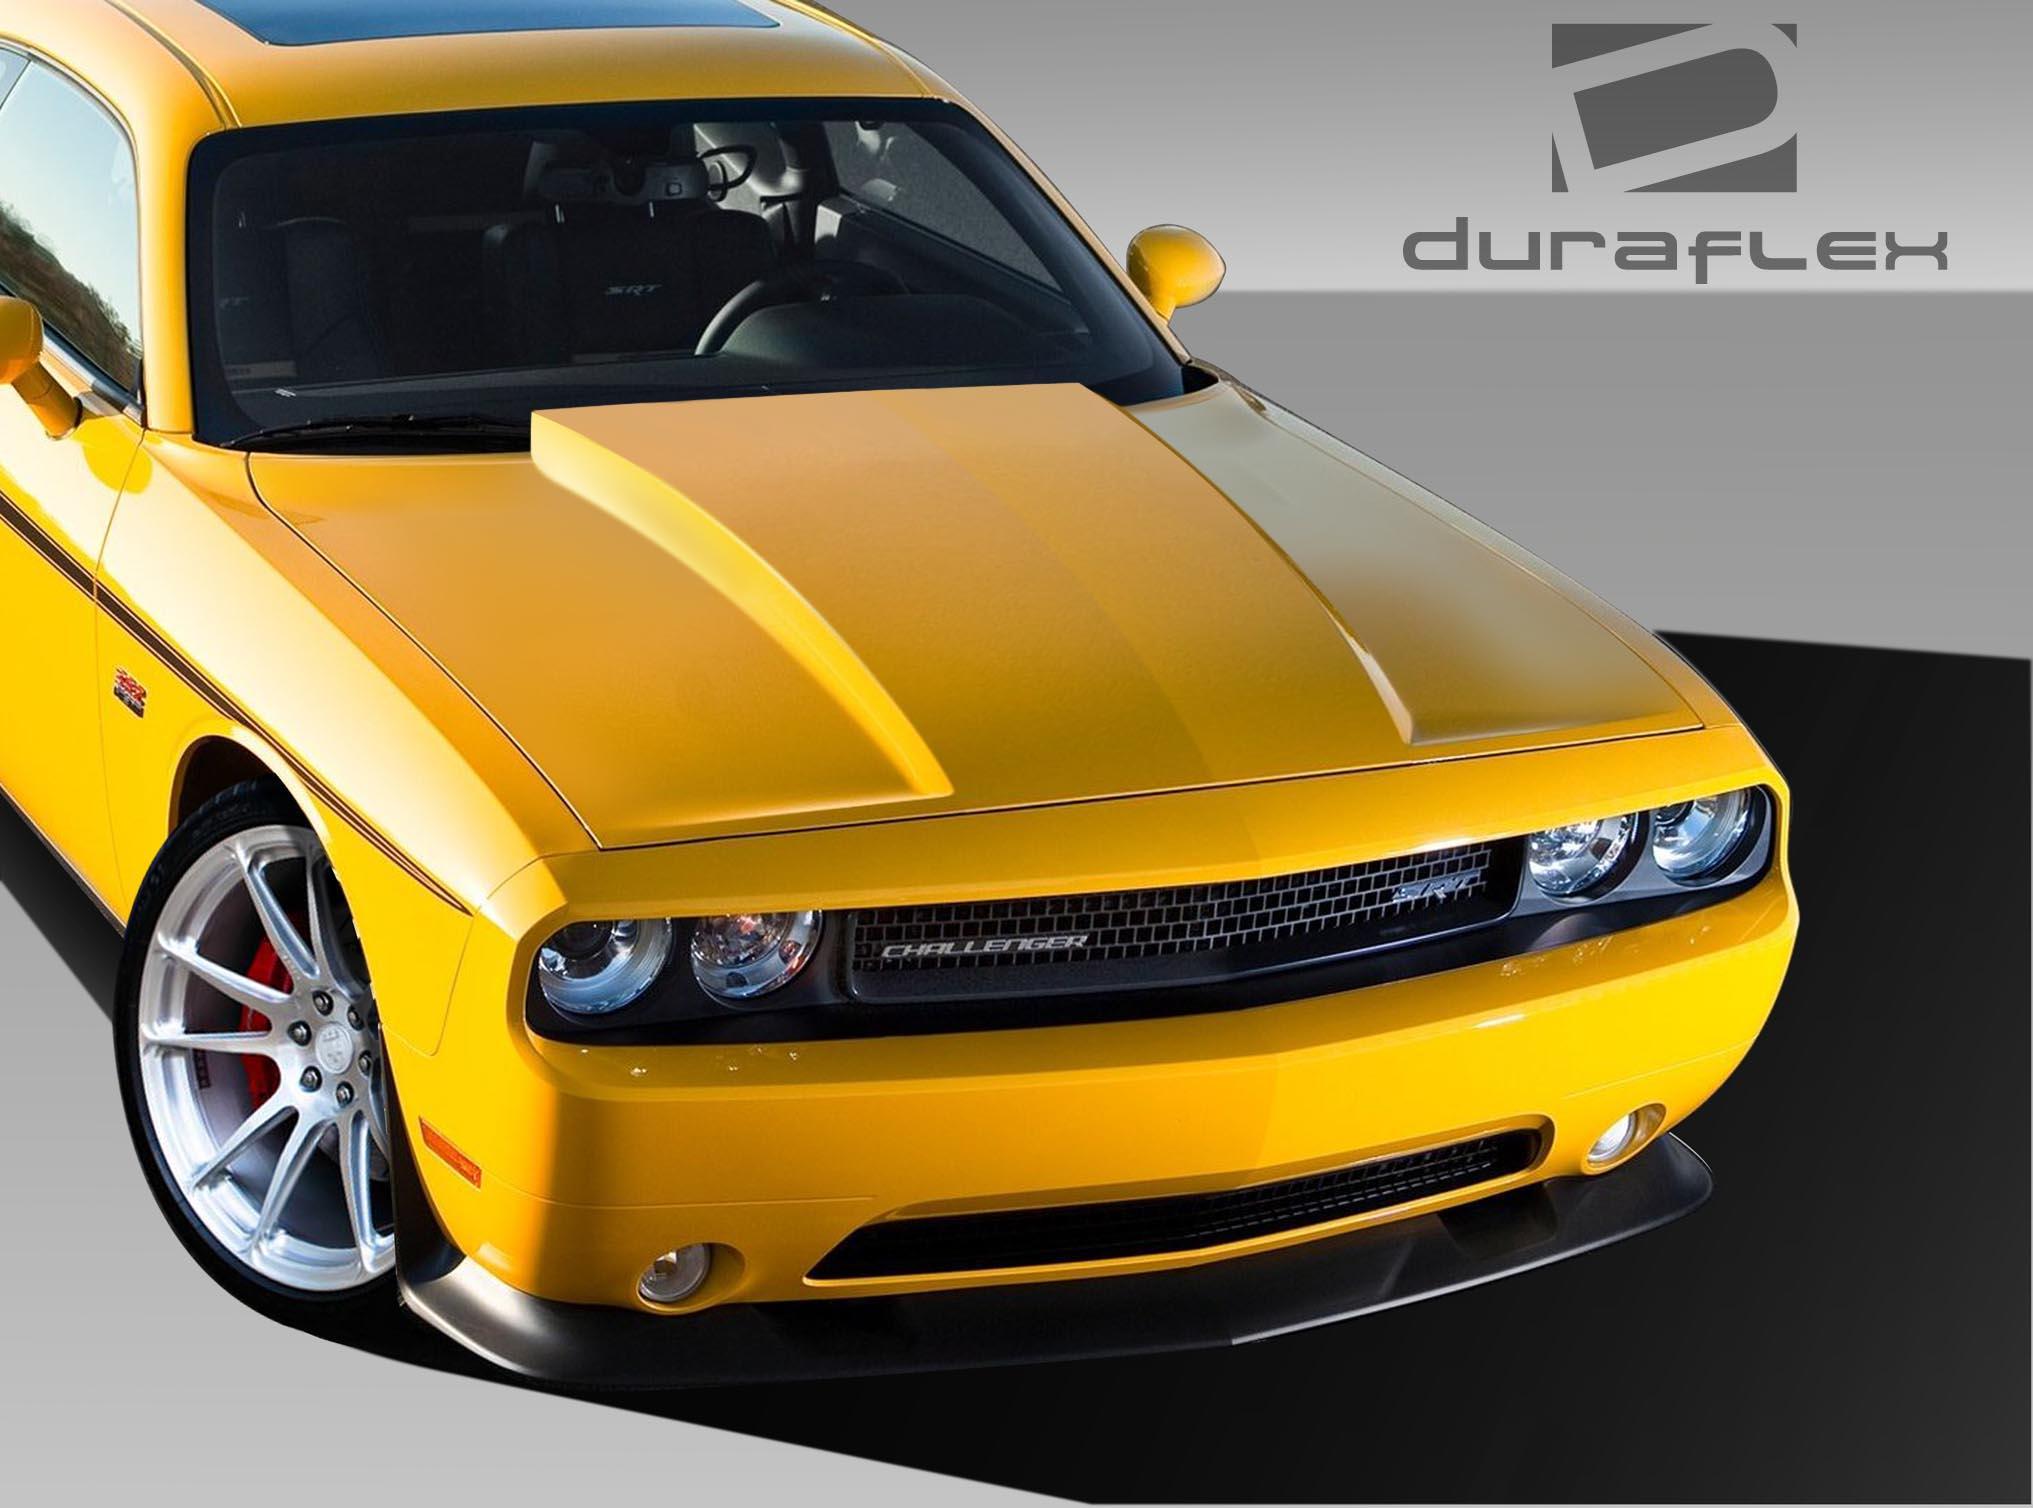 Duraflex Cowl Hood 1 Piece For 2008 2018 Dodge Challenger 6928366717261 Ebay